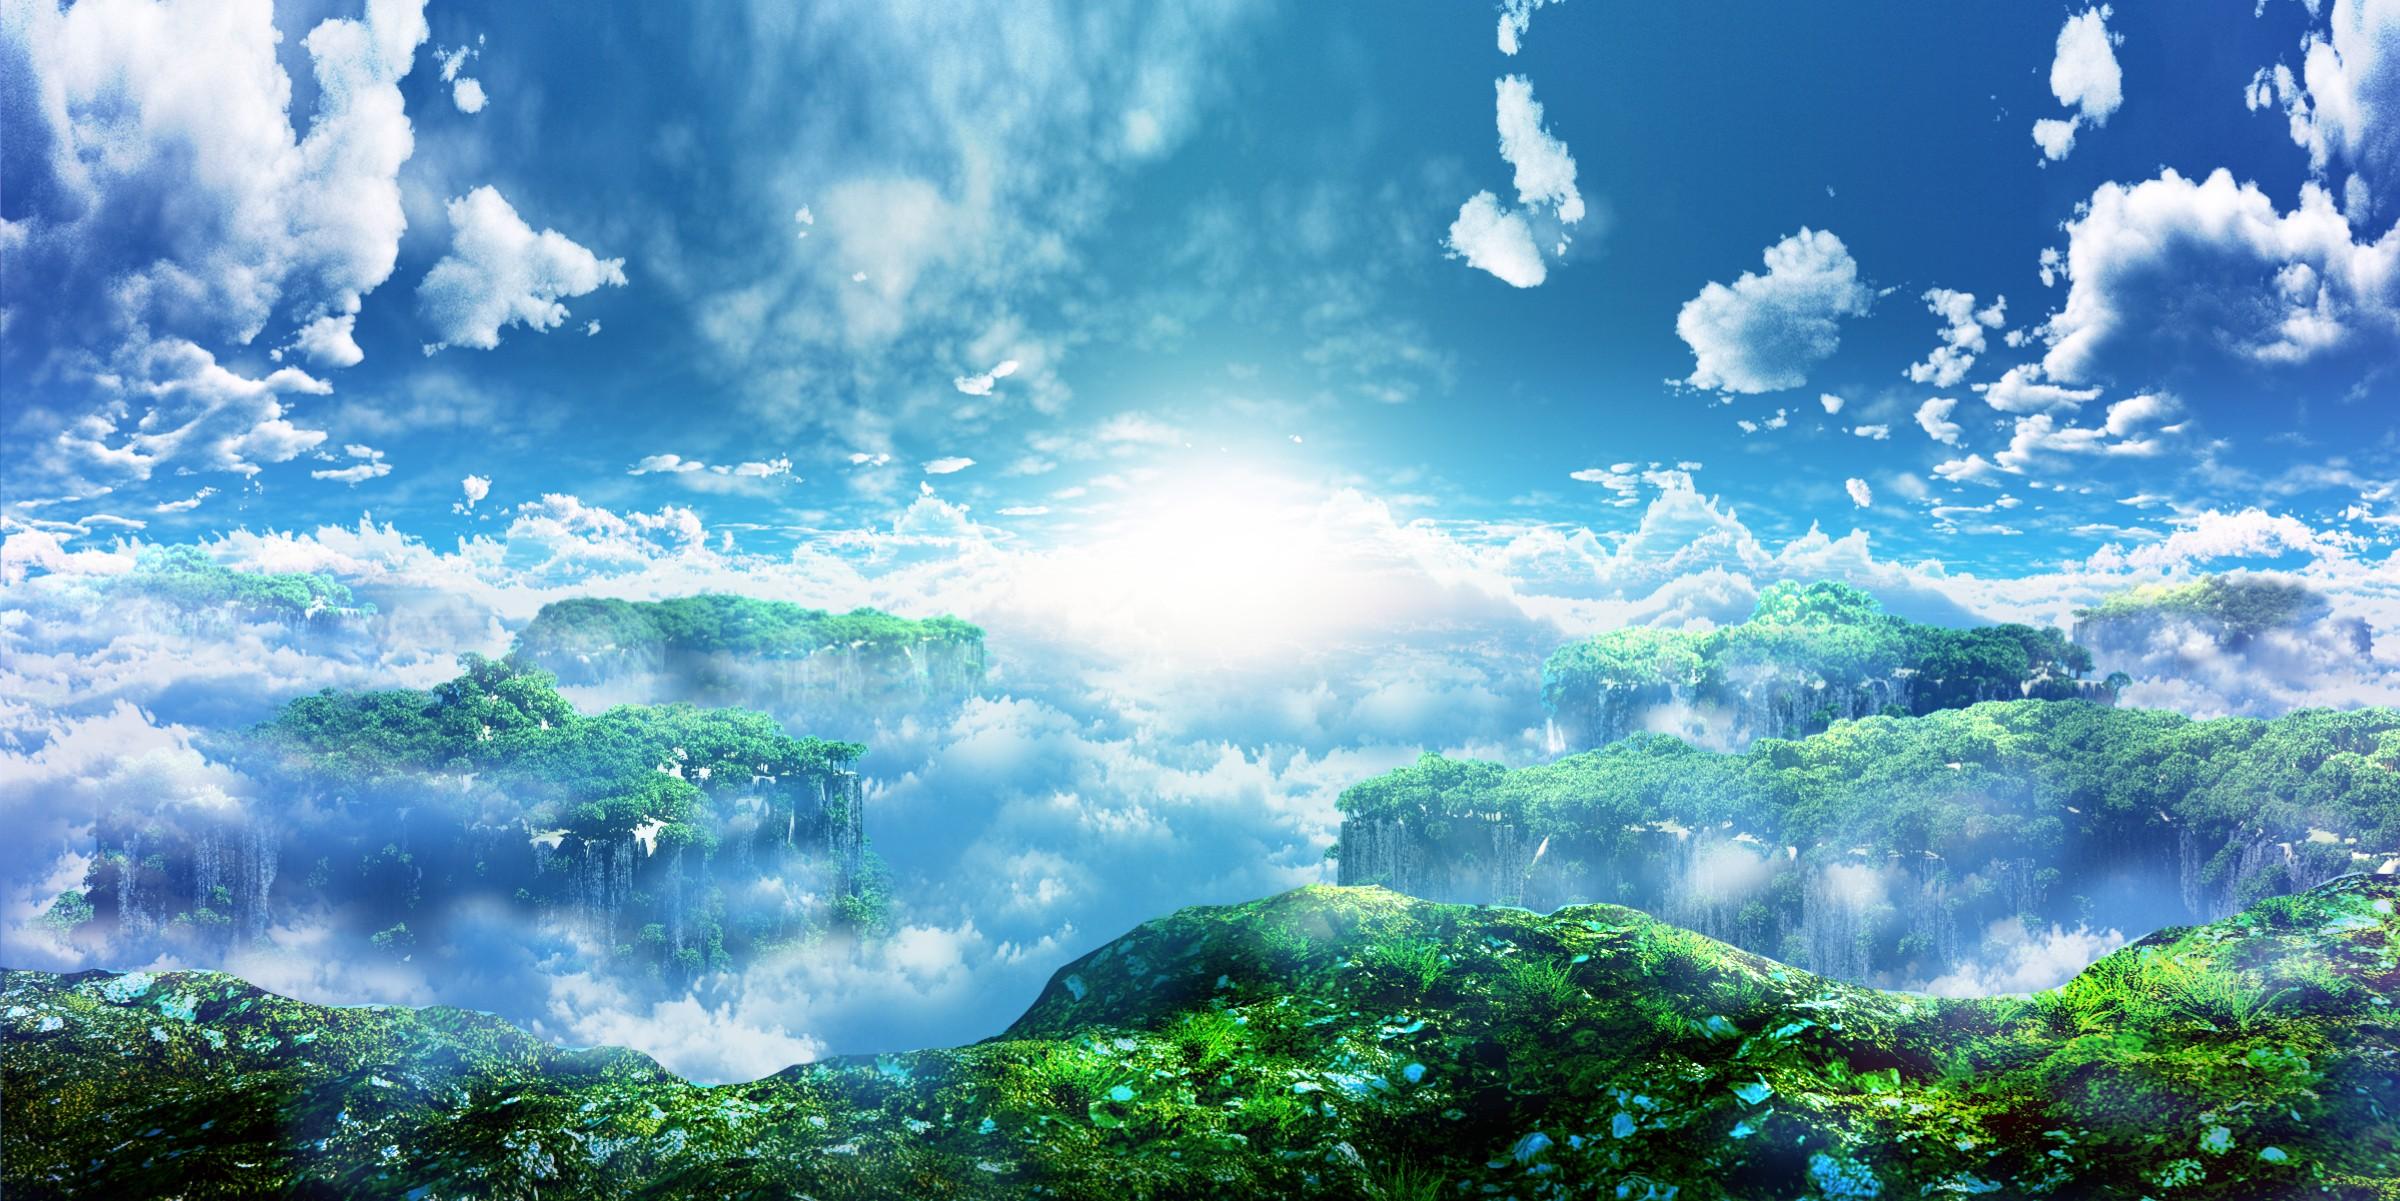 сад в облаках картинки взрослых